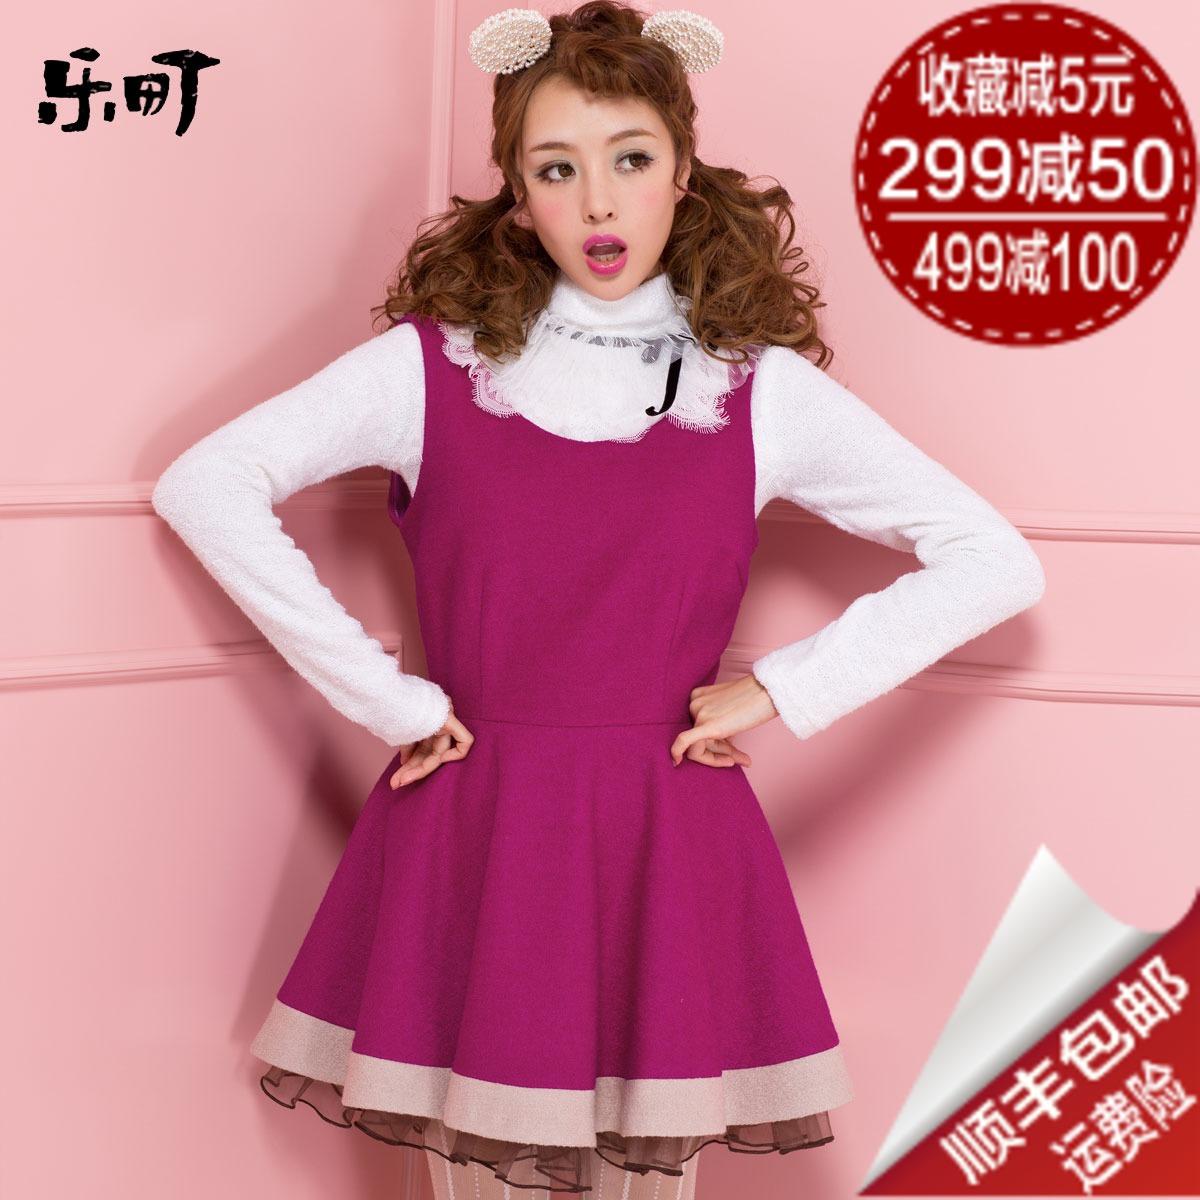 太平鸟乐町女装 2012冬季新款 名媛连衣裙 LL1251914 价格:199.00